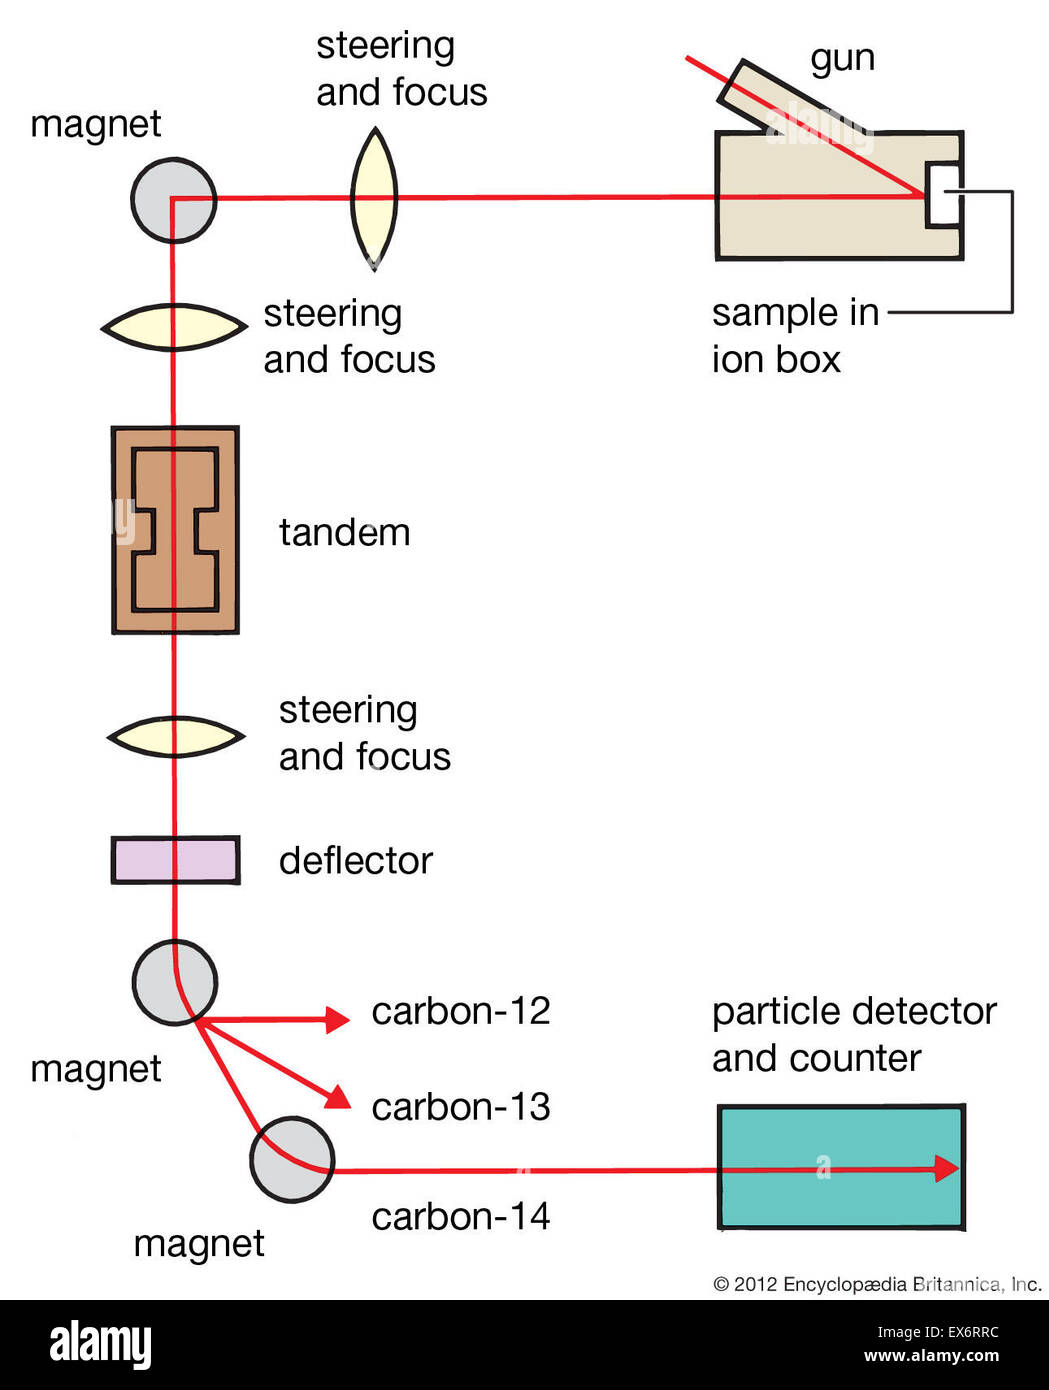 Warum wird Carbon 14 in der Radiokarbondatierung verwendet